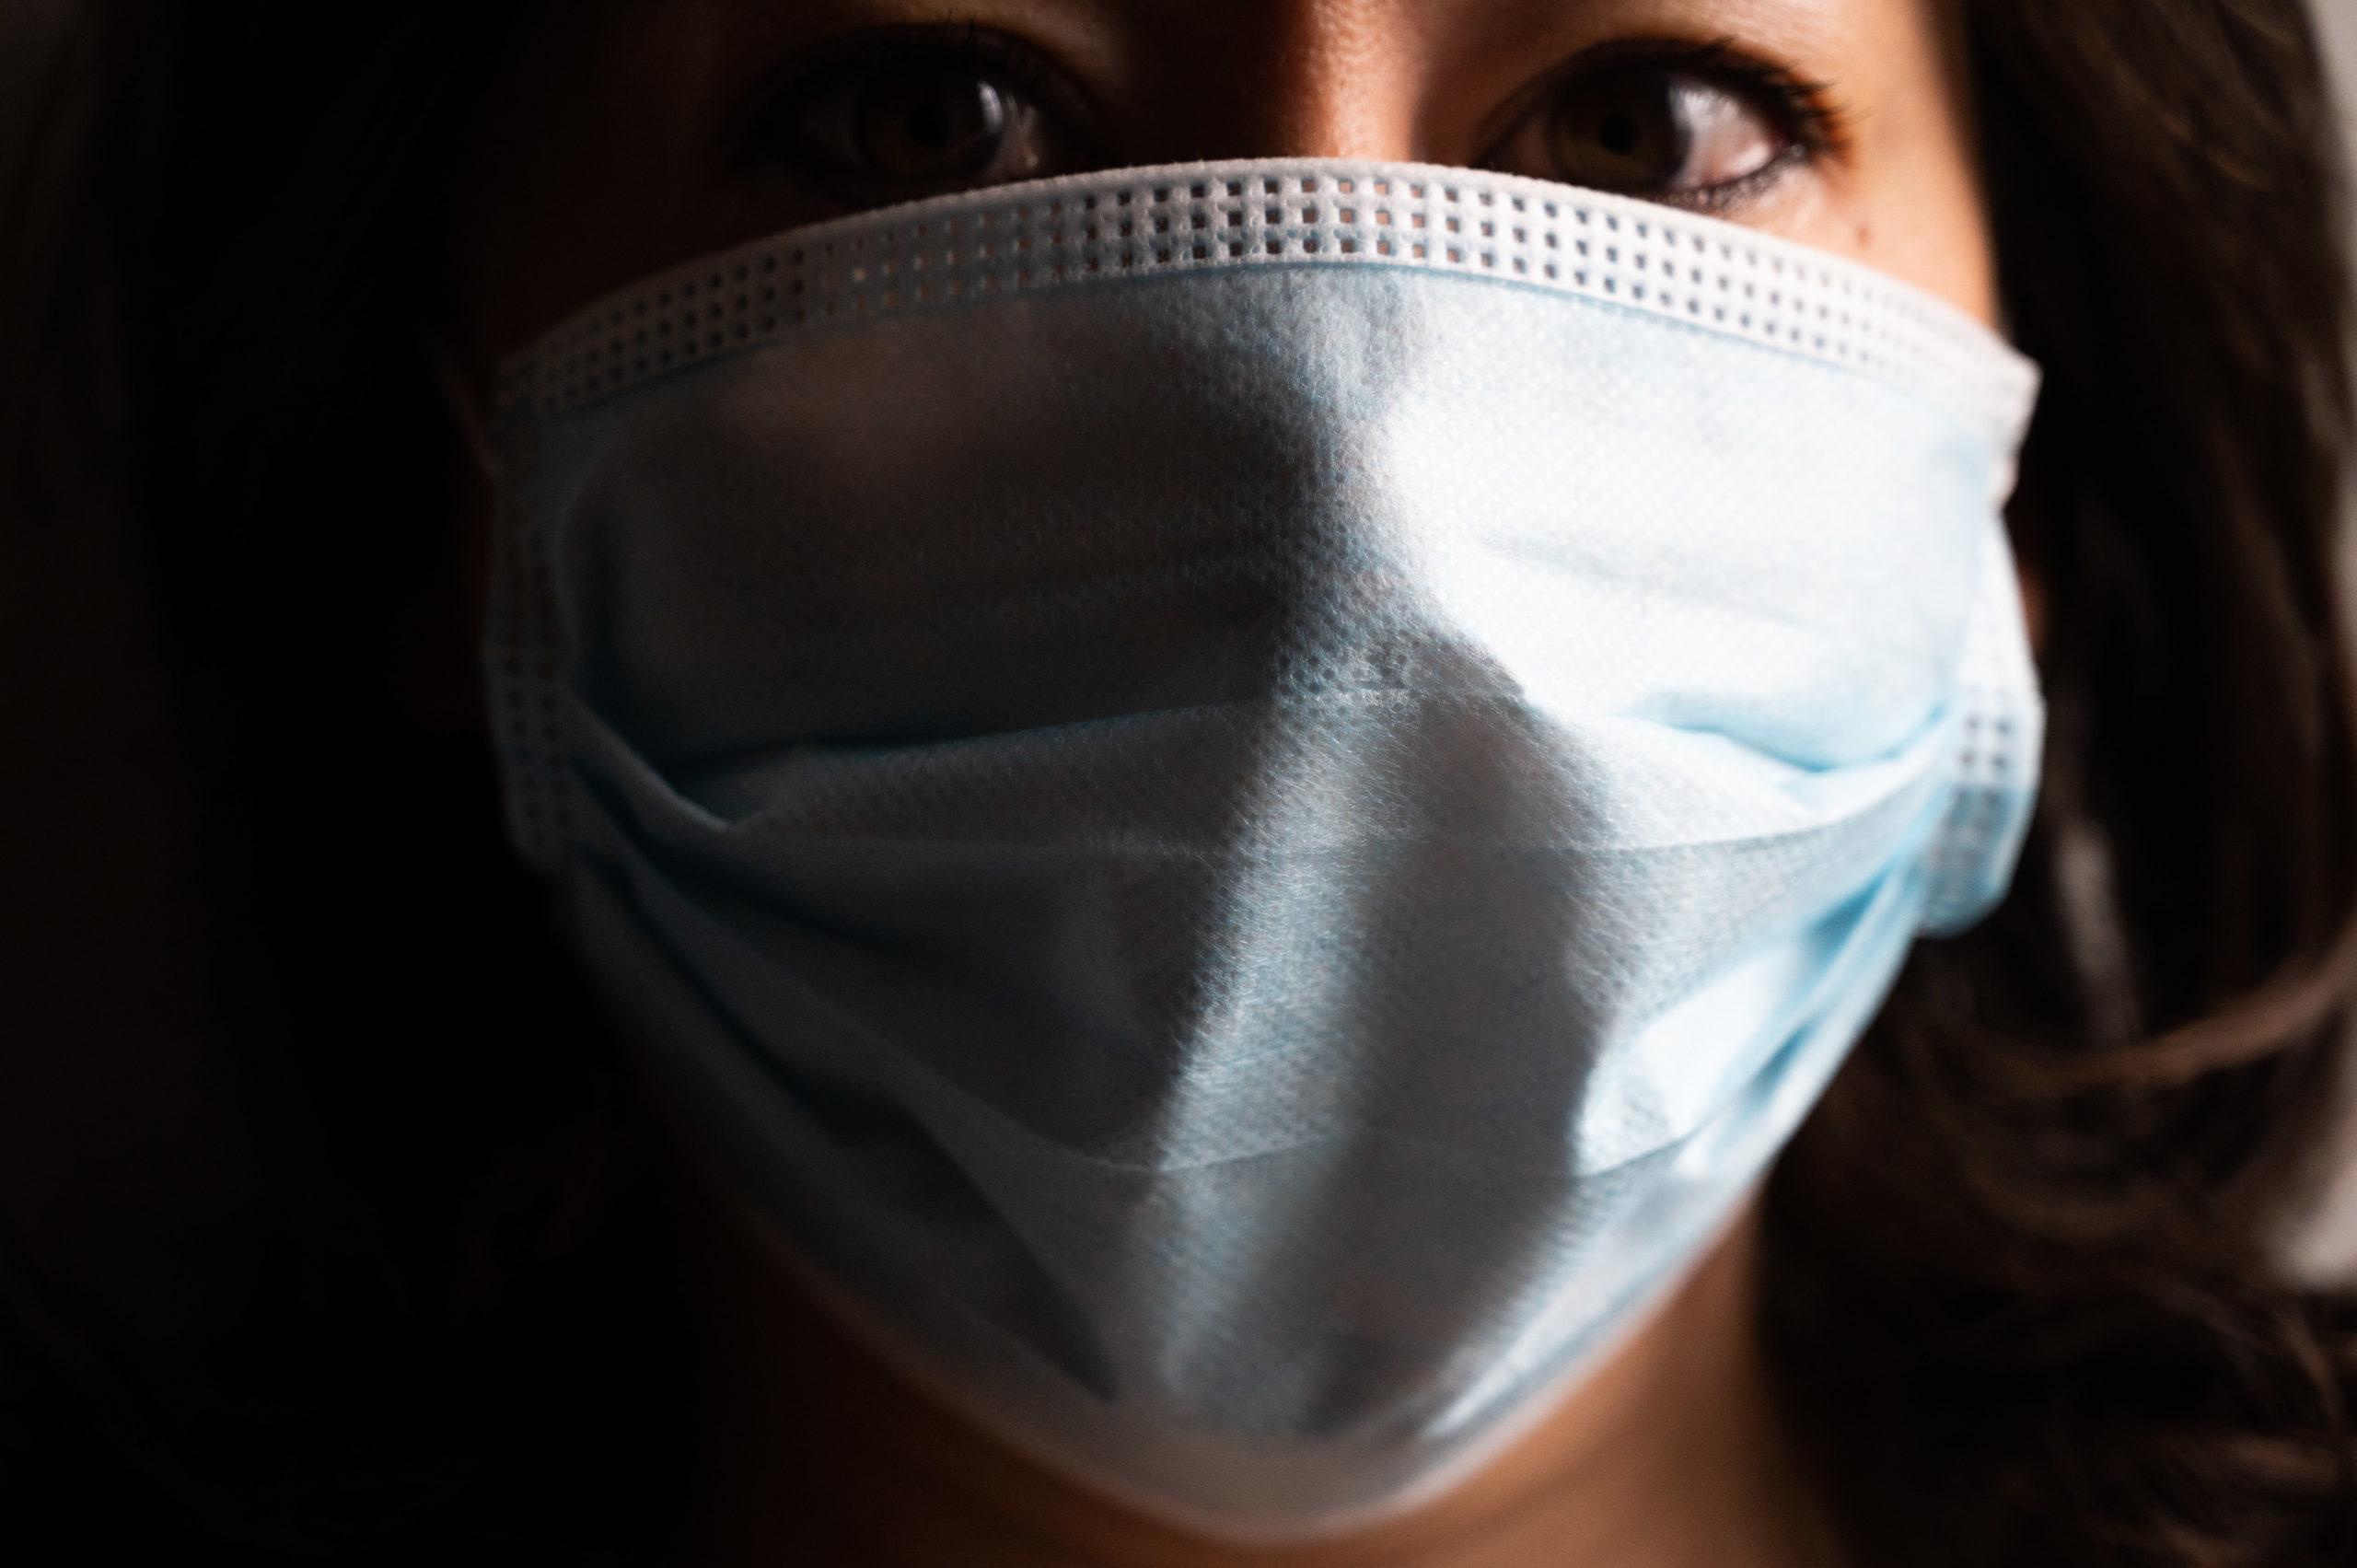 Le Proloco di Fiesole e Valle dell'Arno donano 1400 mascherine alla Protezione Civile